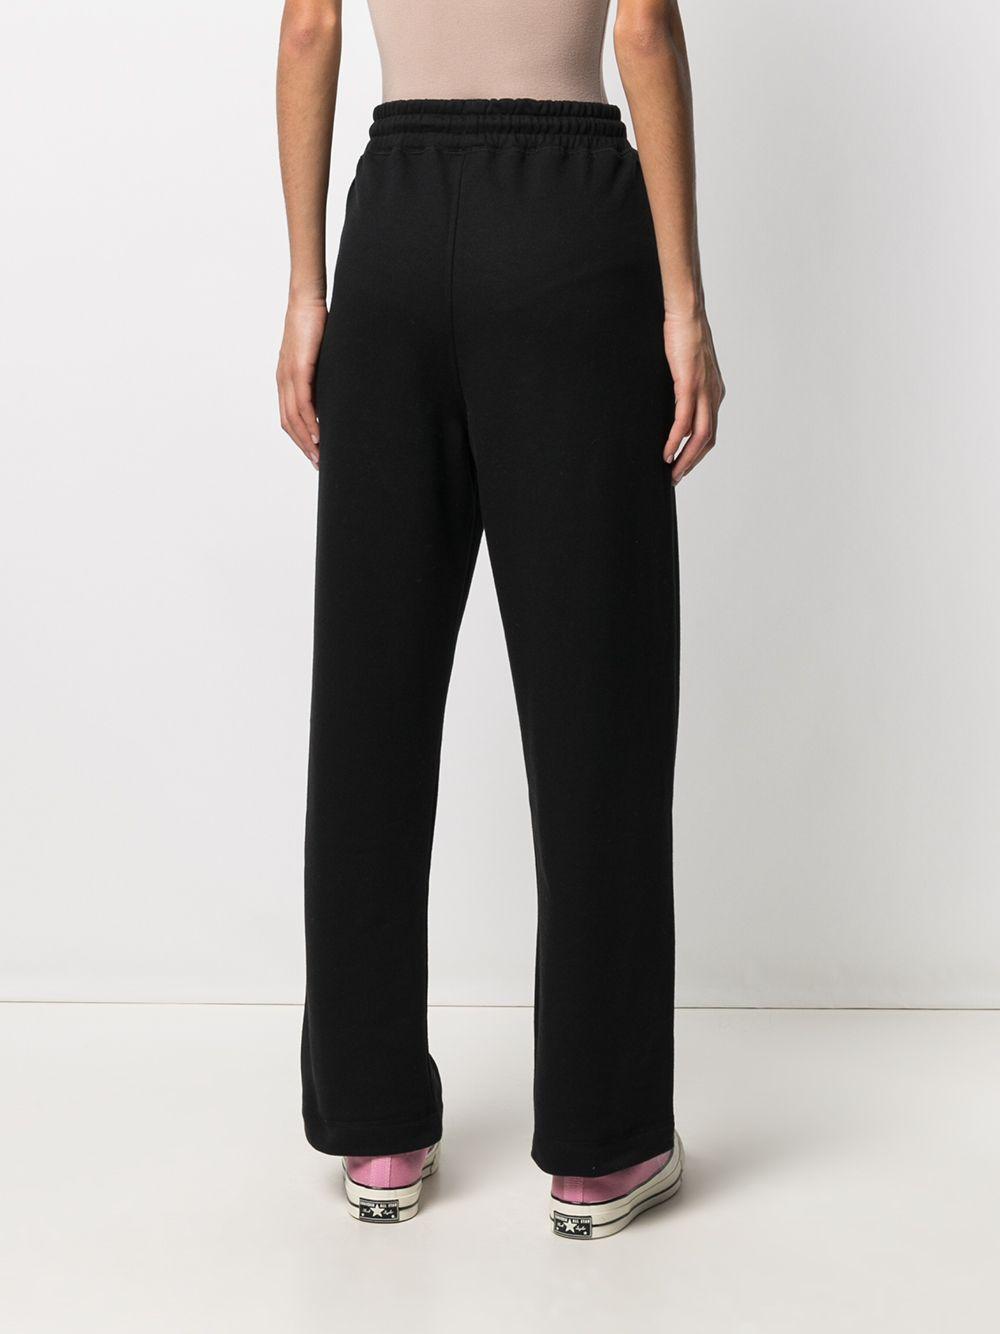 Pantaloni sportivi neri in cotone organico riciclato GANNI   Pantaloni   T2926099